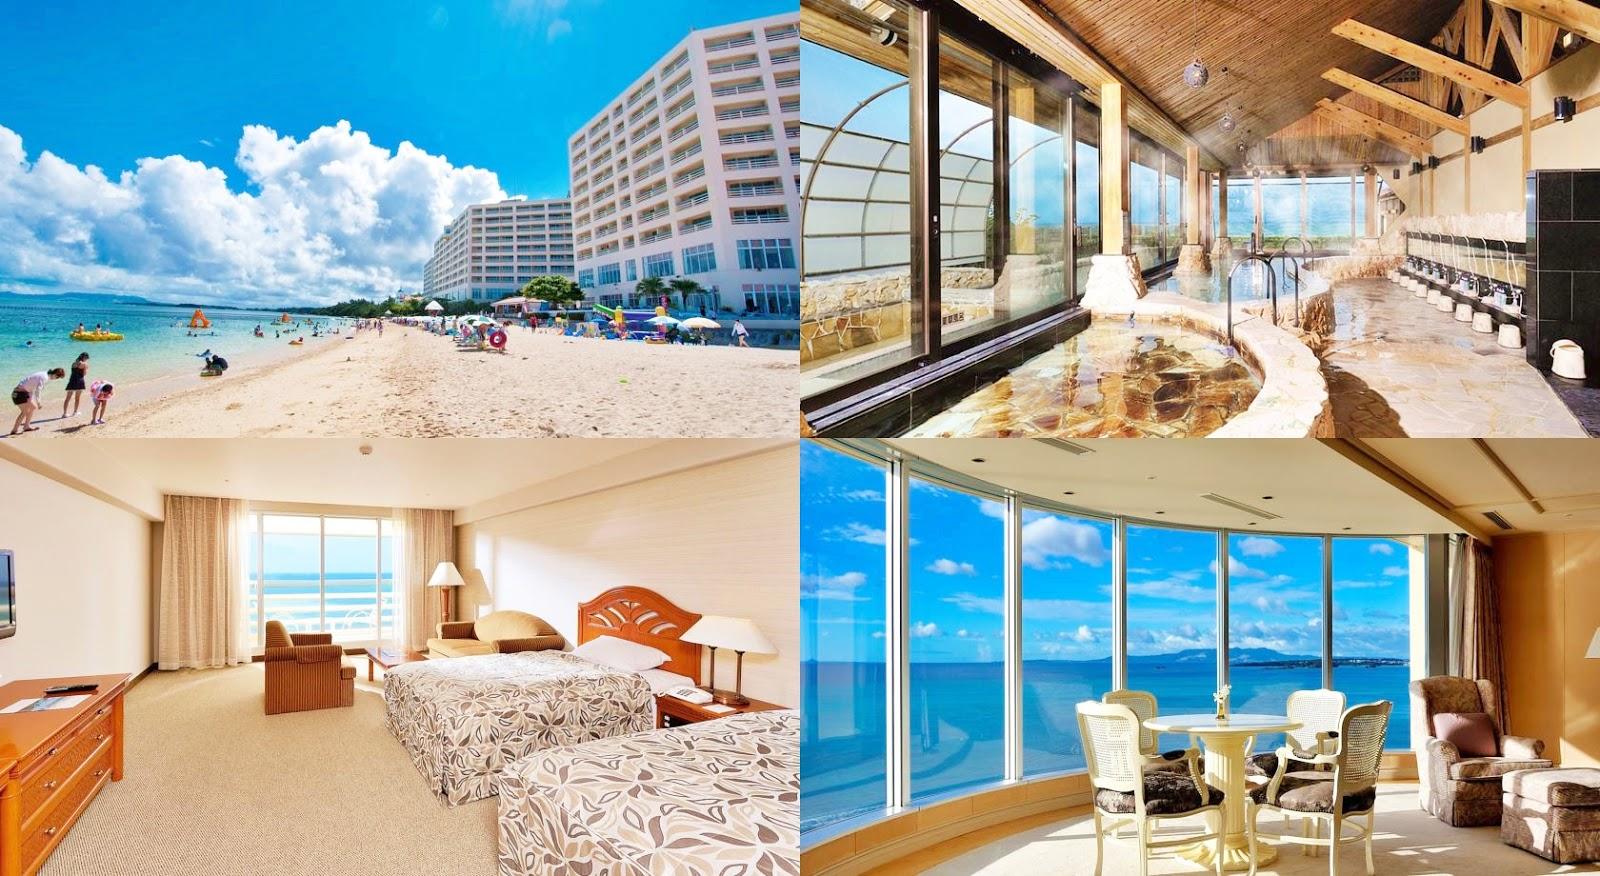 沖繩-住宿-推薦-飯店-旅館-民宿-公寓-麗山海景皇宮度假酒店-Rizzan-Sea-Park-Hotel-Tancha-Bay-Okinawa-hotel-recommendation